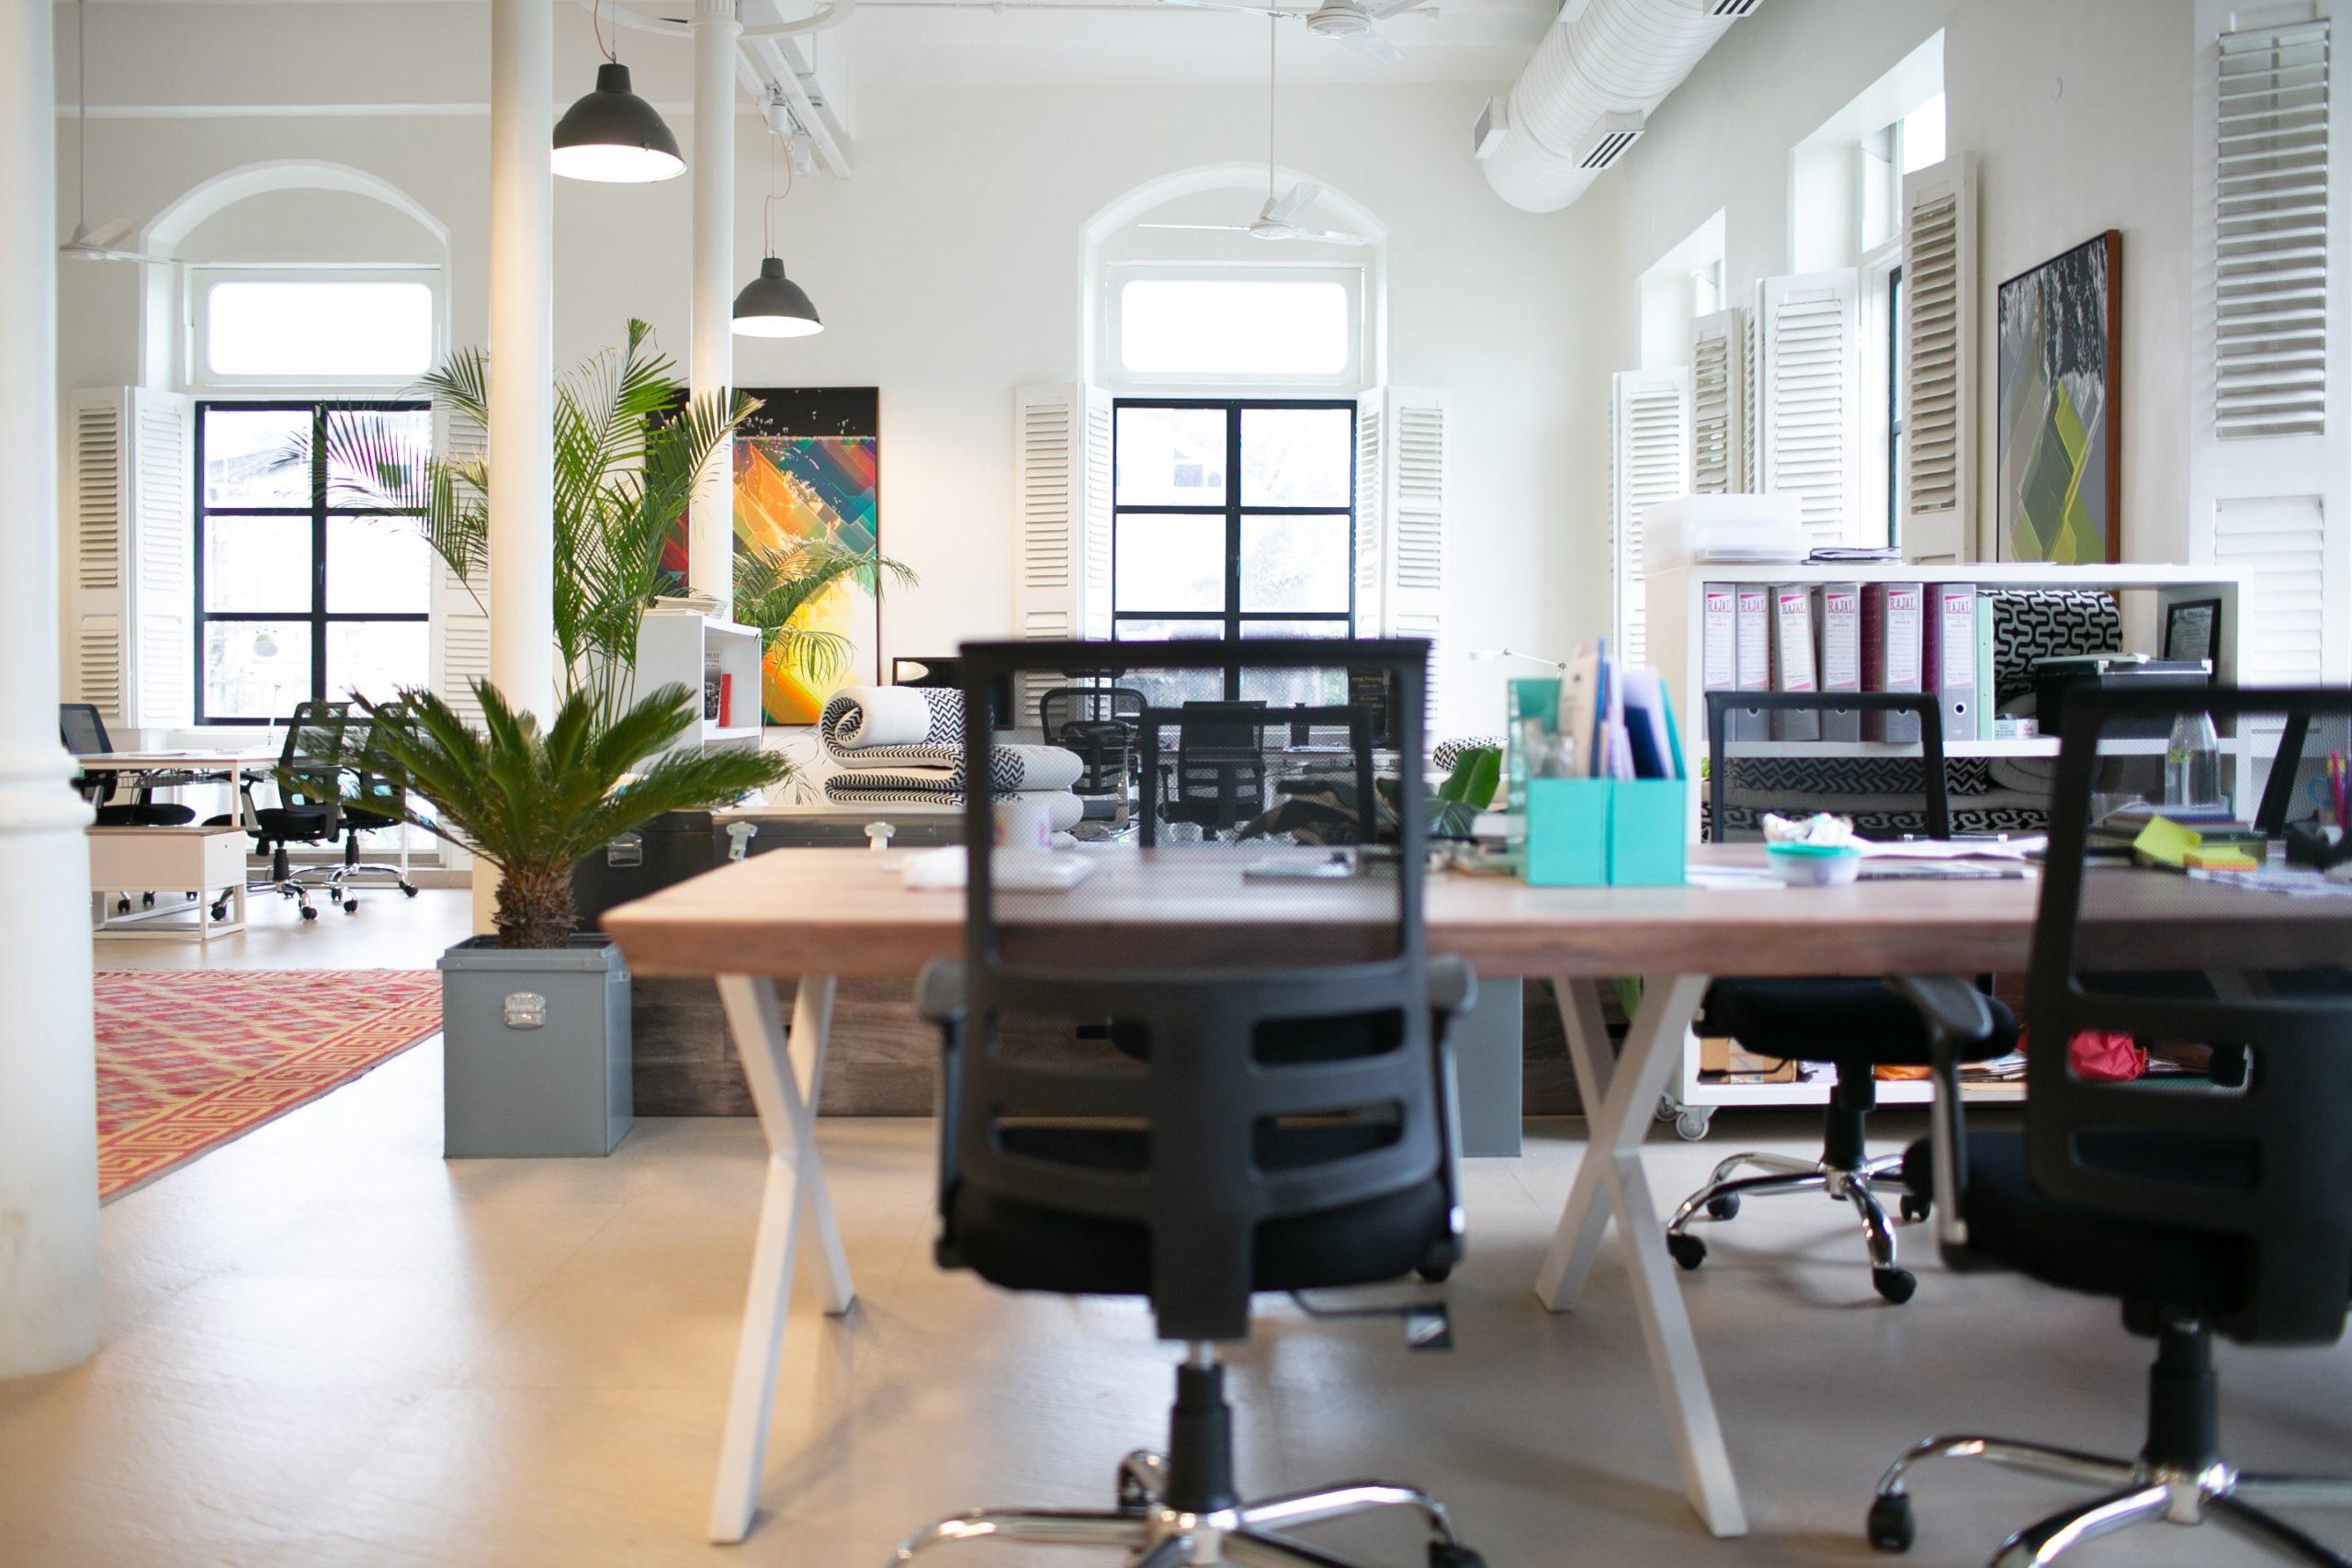 Arbeitsplätz_Bürostühle_Ordner_Büro